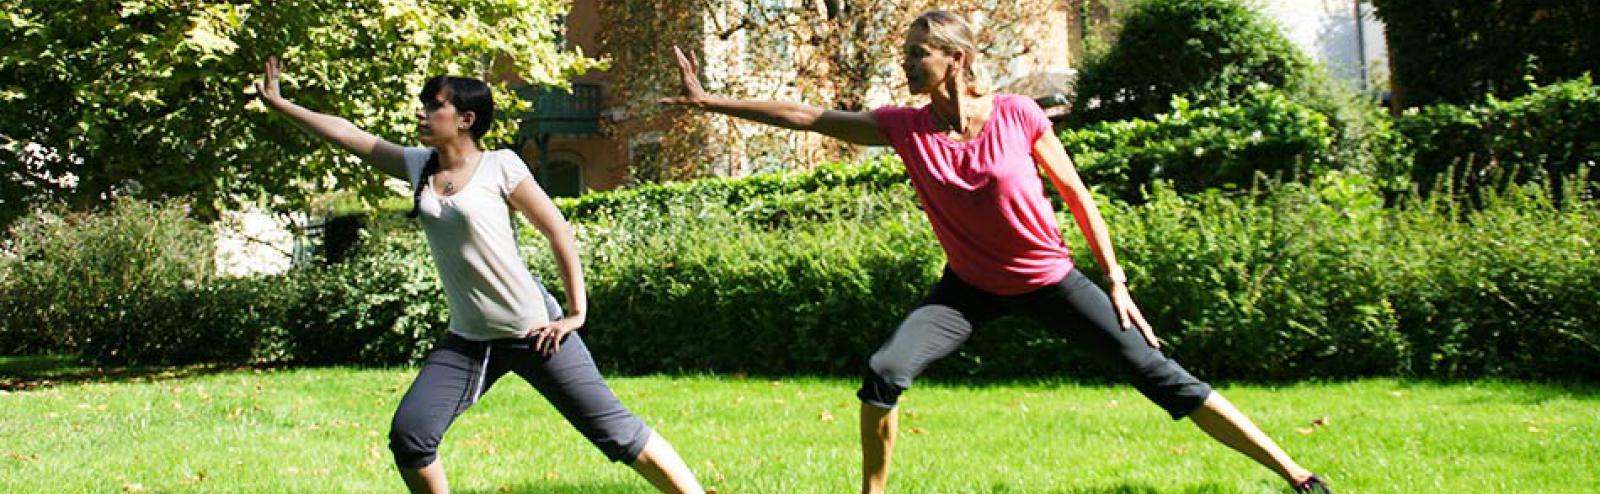 Séance individuelle de sport dans les parcs de Vichy